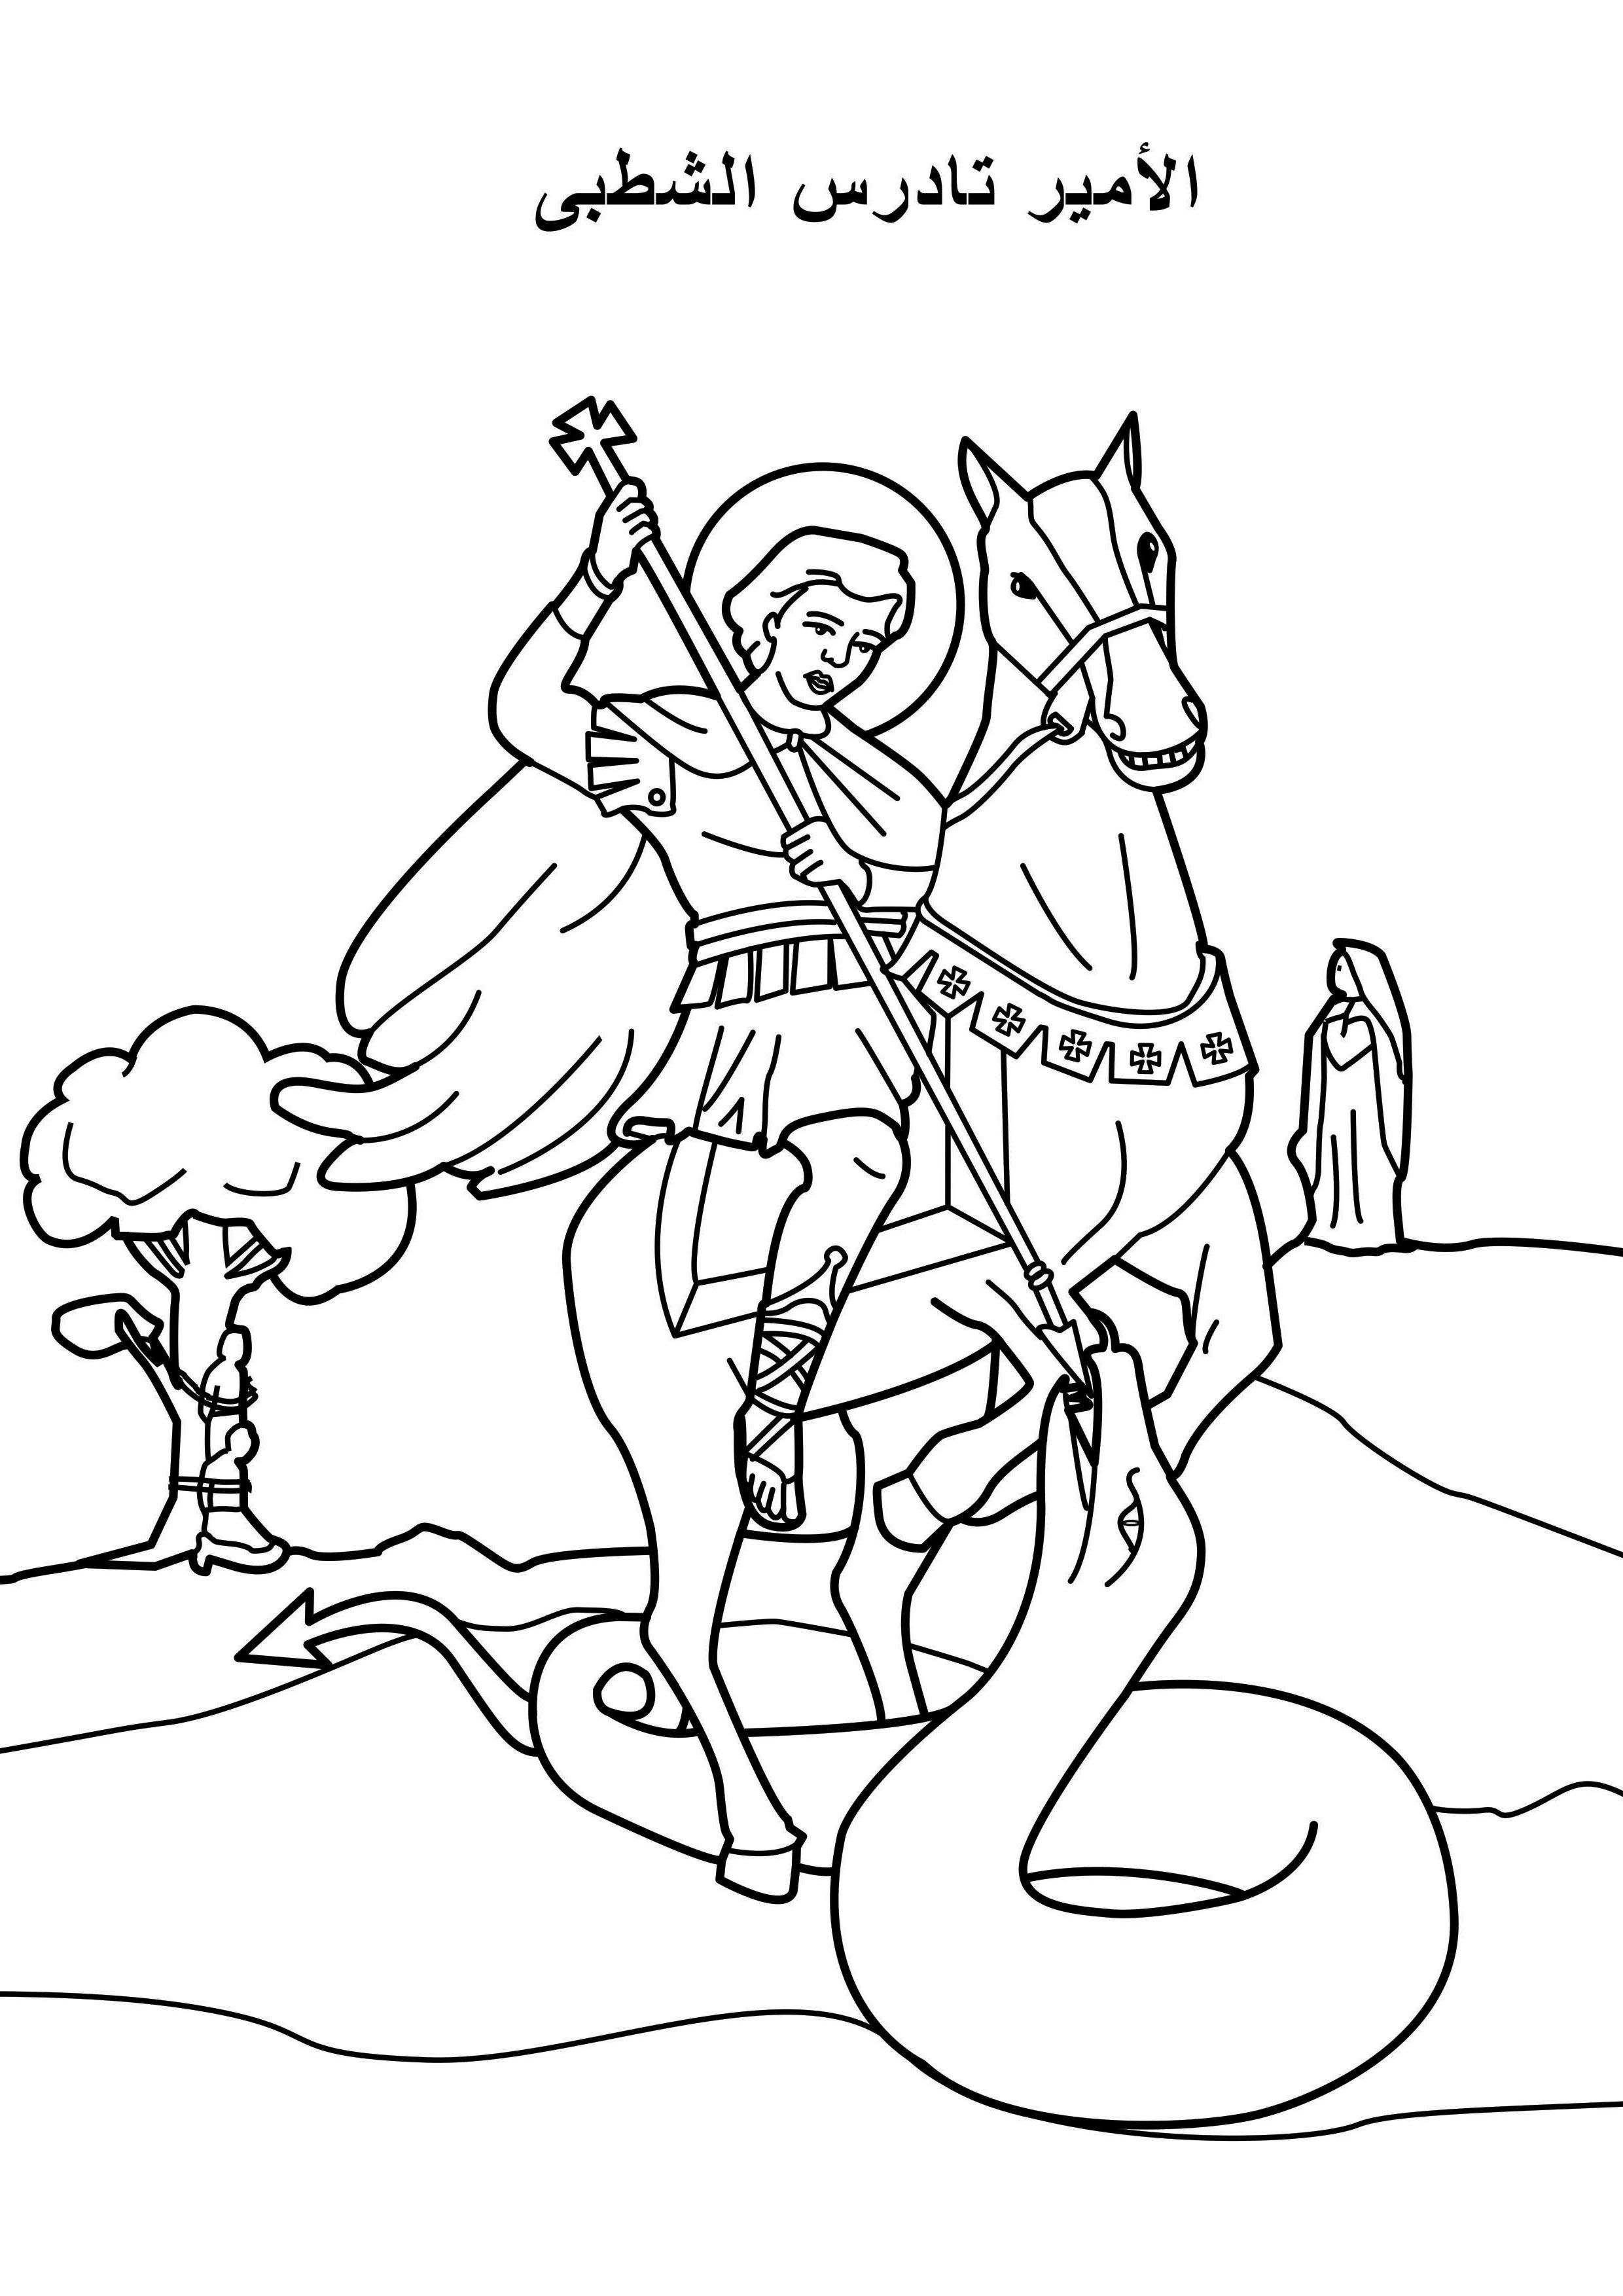 الشهيد الأمير تادرس الشطبى موسوعة صور القديسين للتلوين